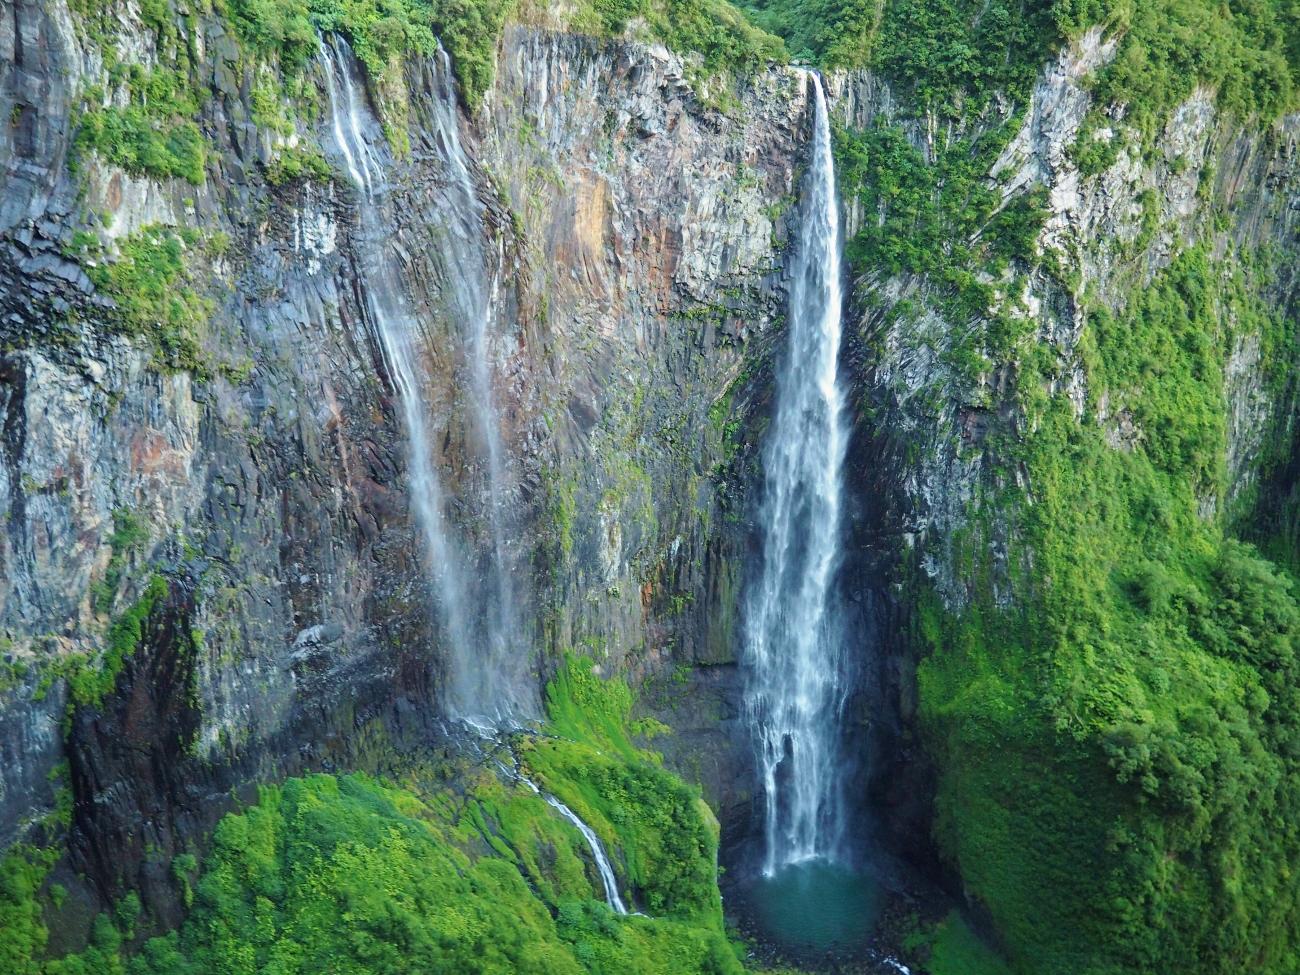 Le Trou de Fer depuis l'hélicoptère à la Réunion